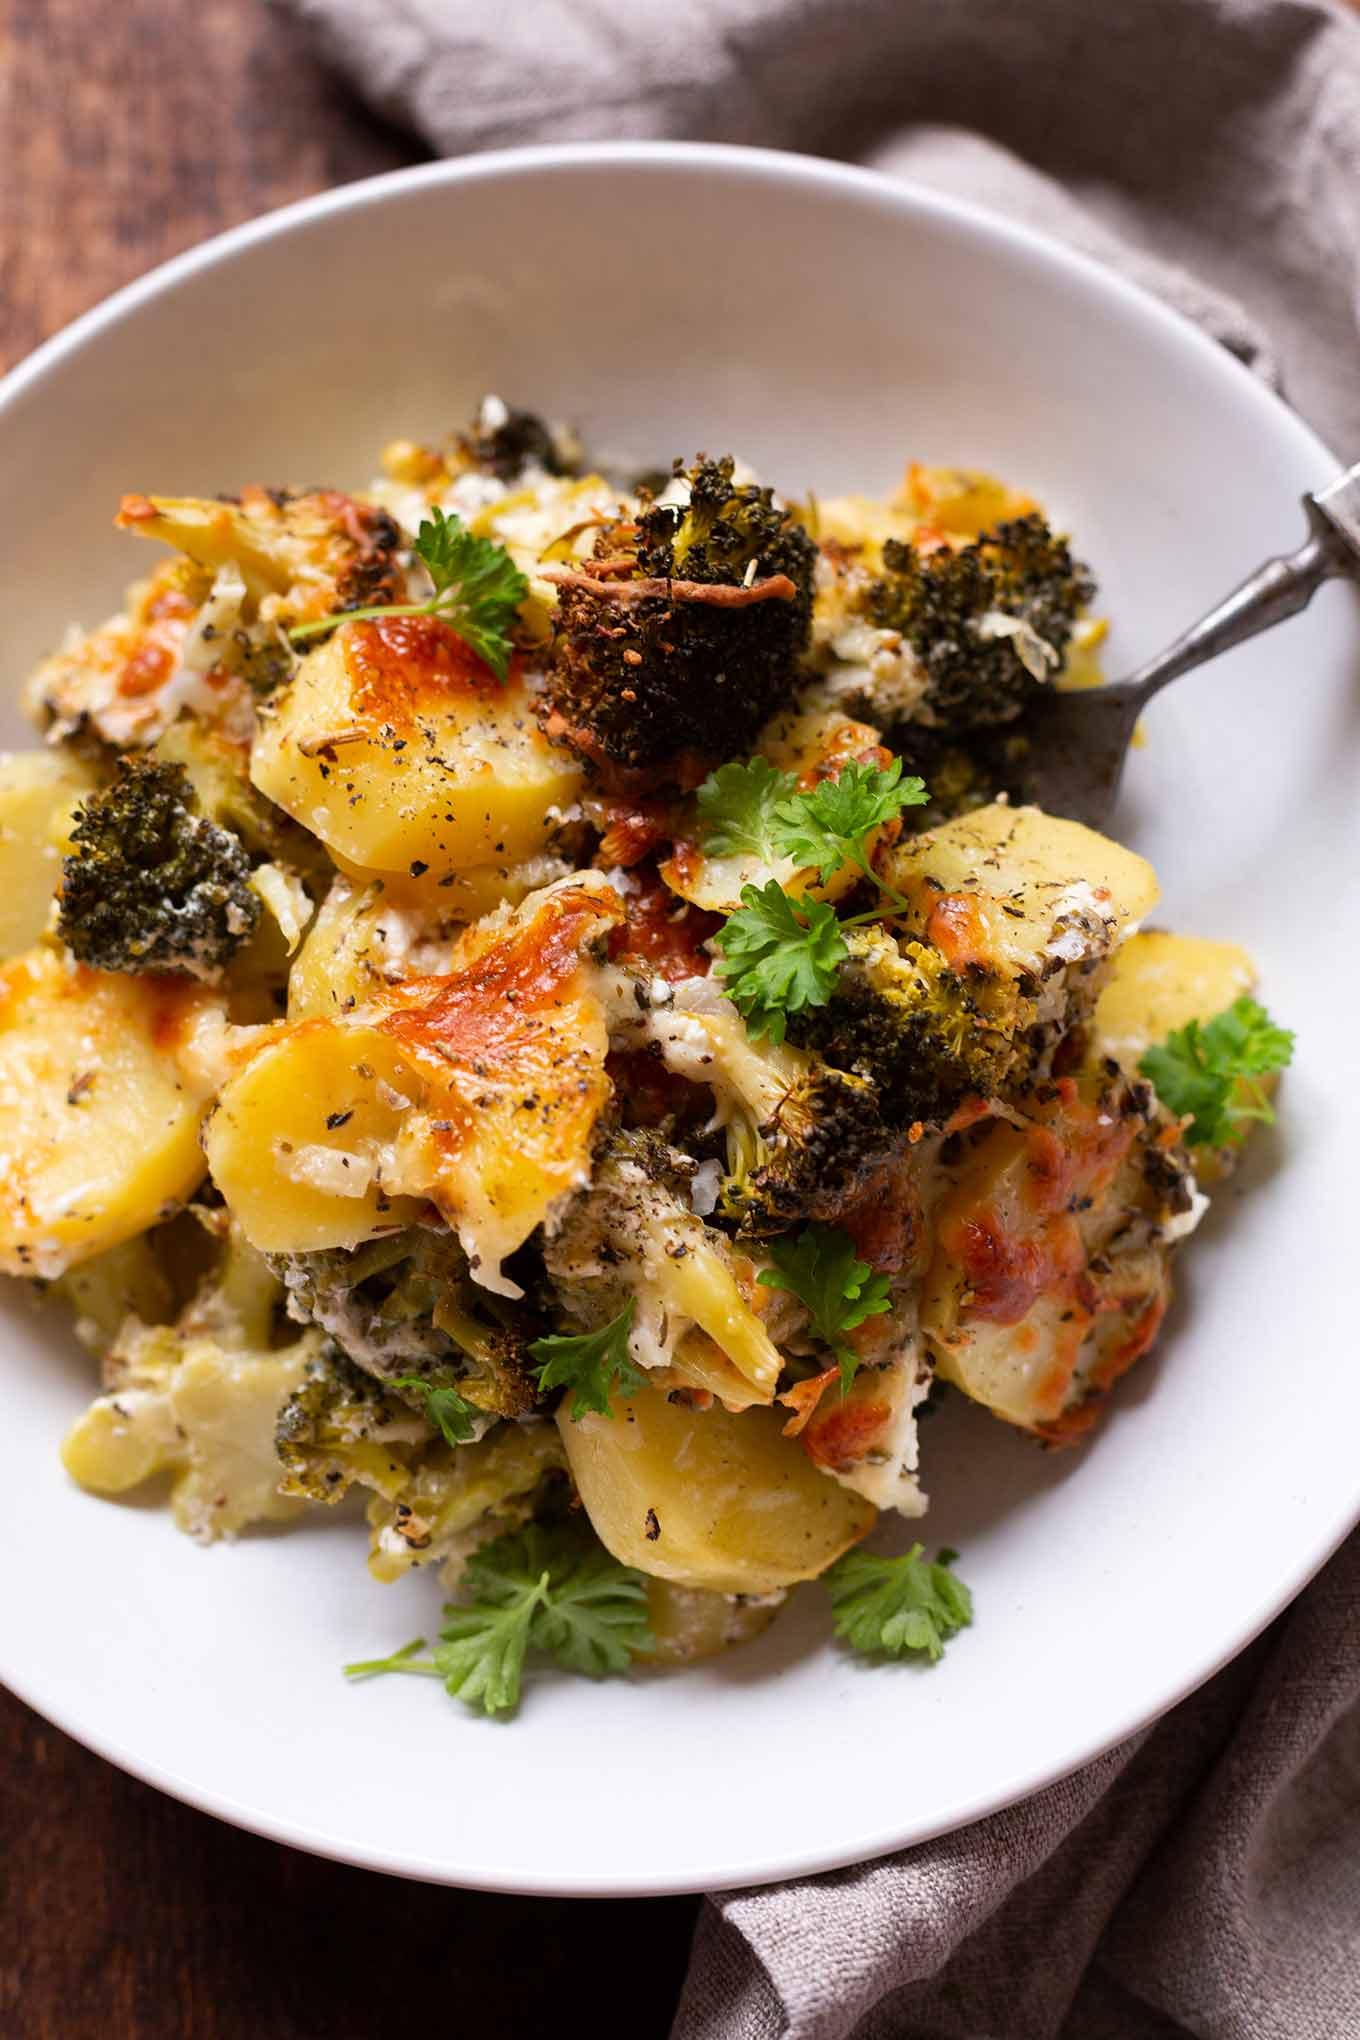 Kartoffel-Brokkoli-Auflauf mit Feta ist ein einfaches 10-Zutaten Rezept aus dem Ofen. Absolutes Soulfood und schnell gemacht! Kochkarussell #kartoffelbrokkoliauflauf #auflauf #mealprep